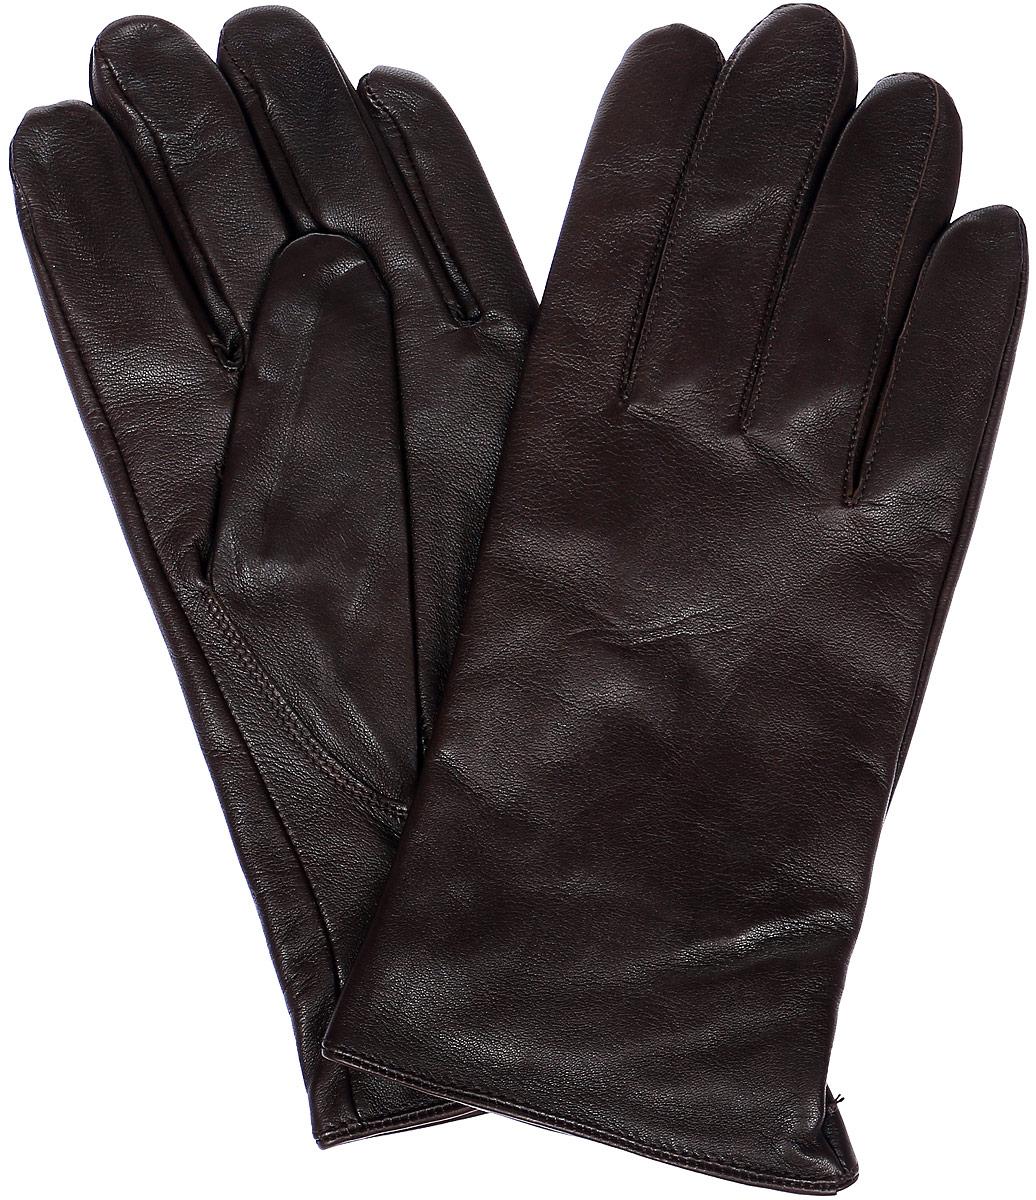 ПерчаткиHP68980Мужские перчатки Eleganzza выполнены из натуральной гладкой кожи и дополнены сборкой, которая надежно зафиксирует модель на запястье. Внутренняя поверхность выполнена из шерсти и кашемира, которые обеспечат тепло и комфорт.